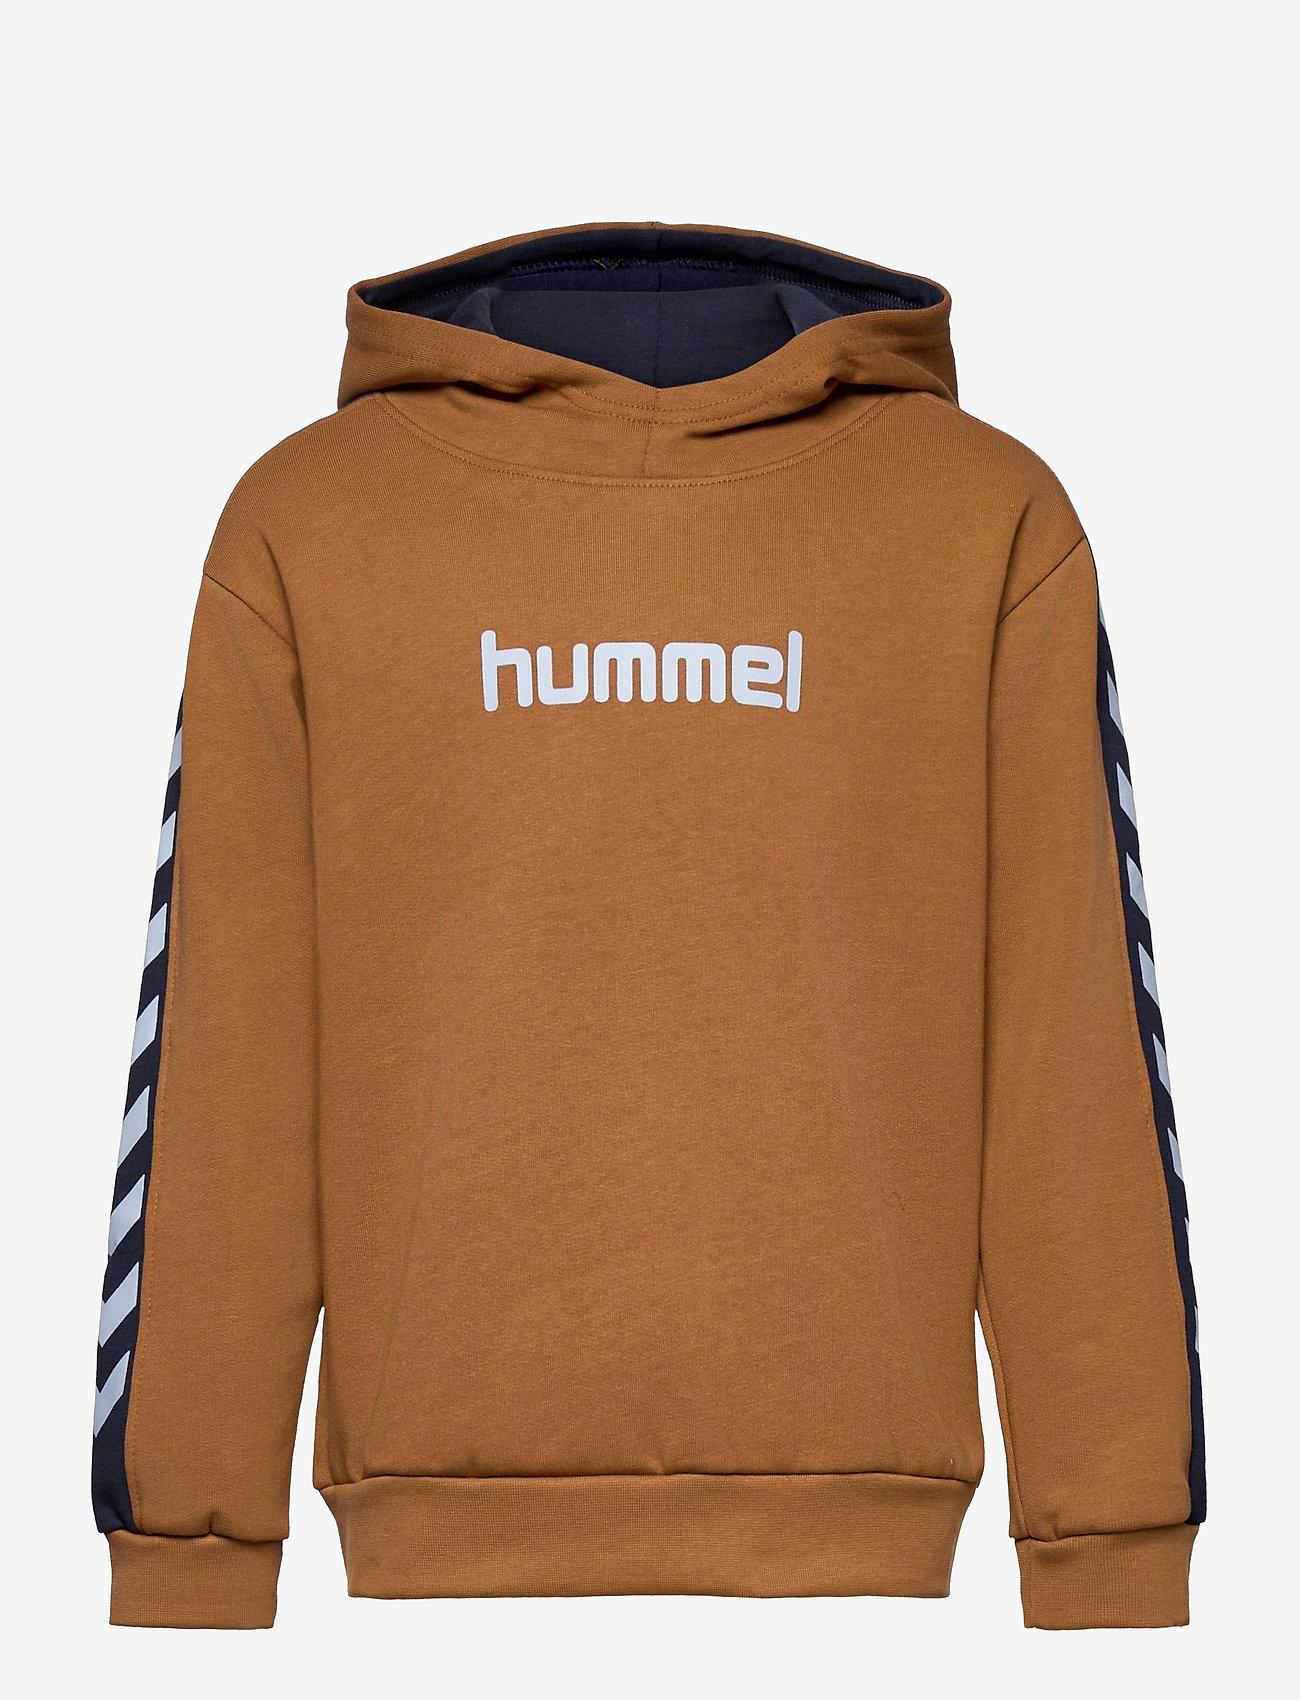 Hummel - hmlTAKAO HOODIE - hoodies - rubber - 0